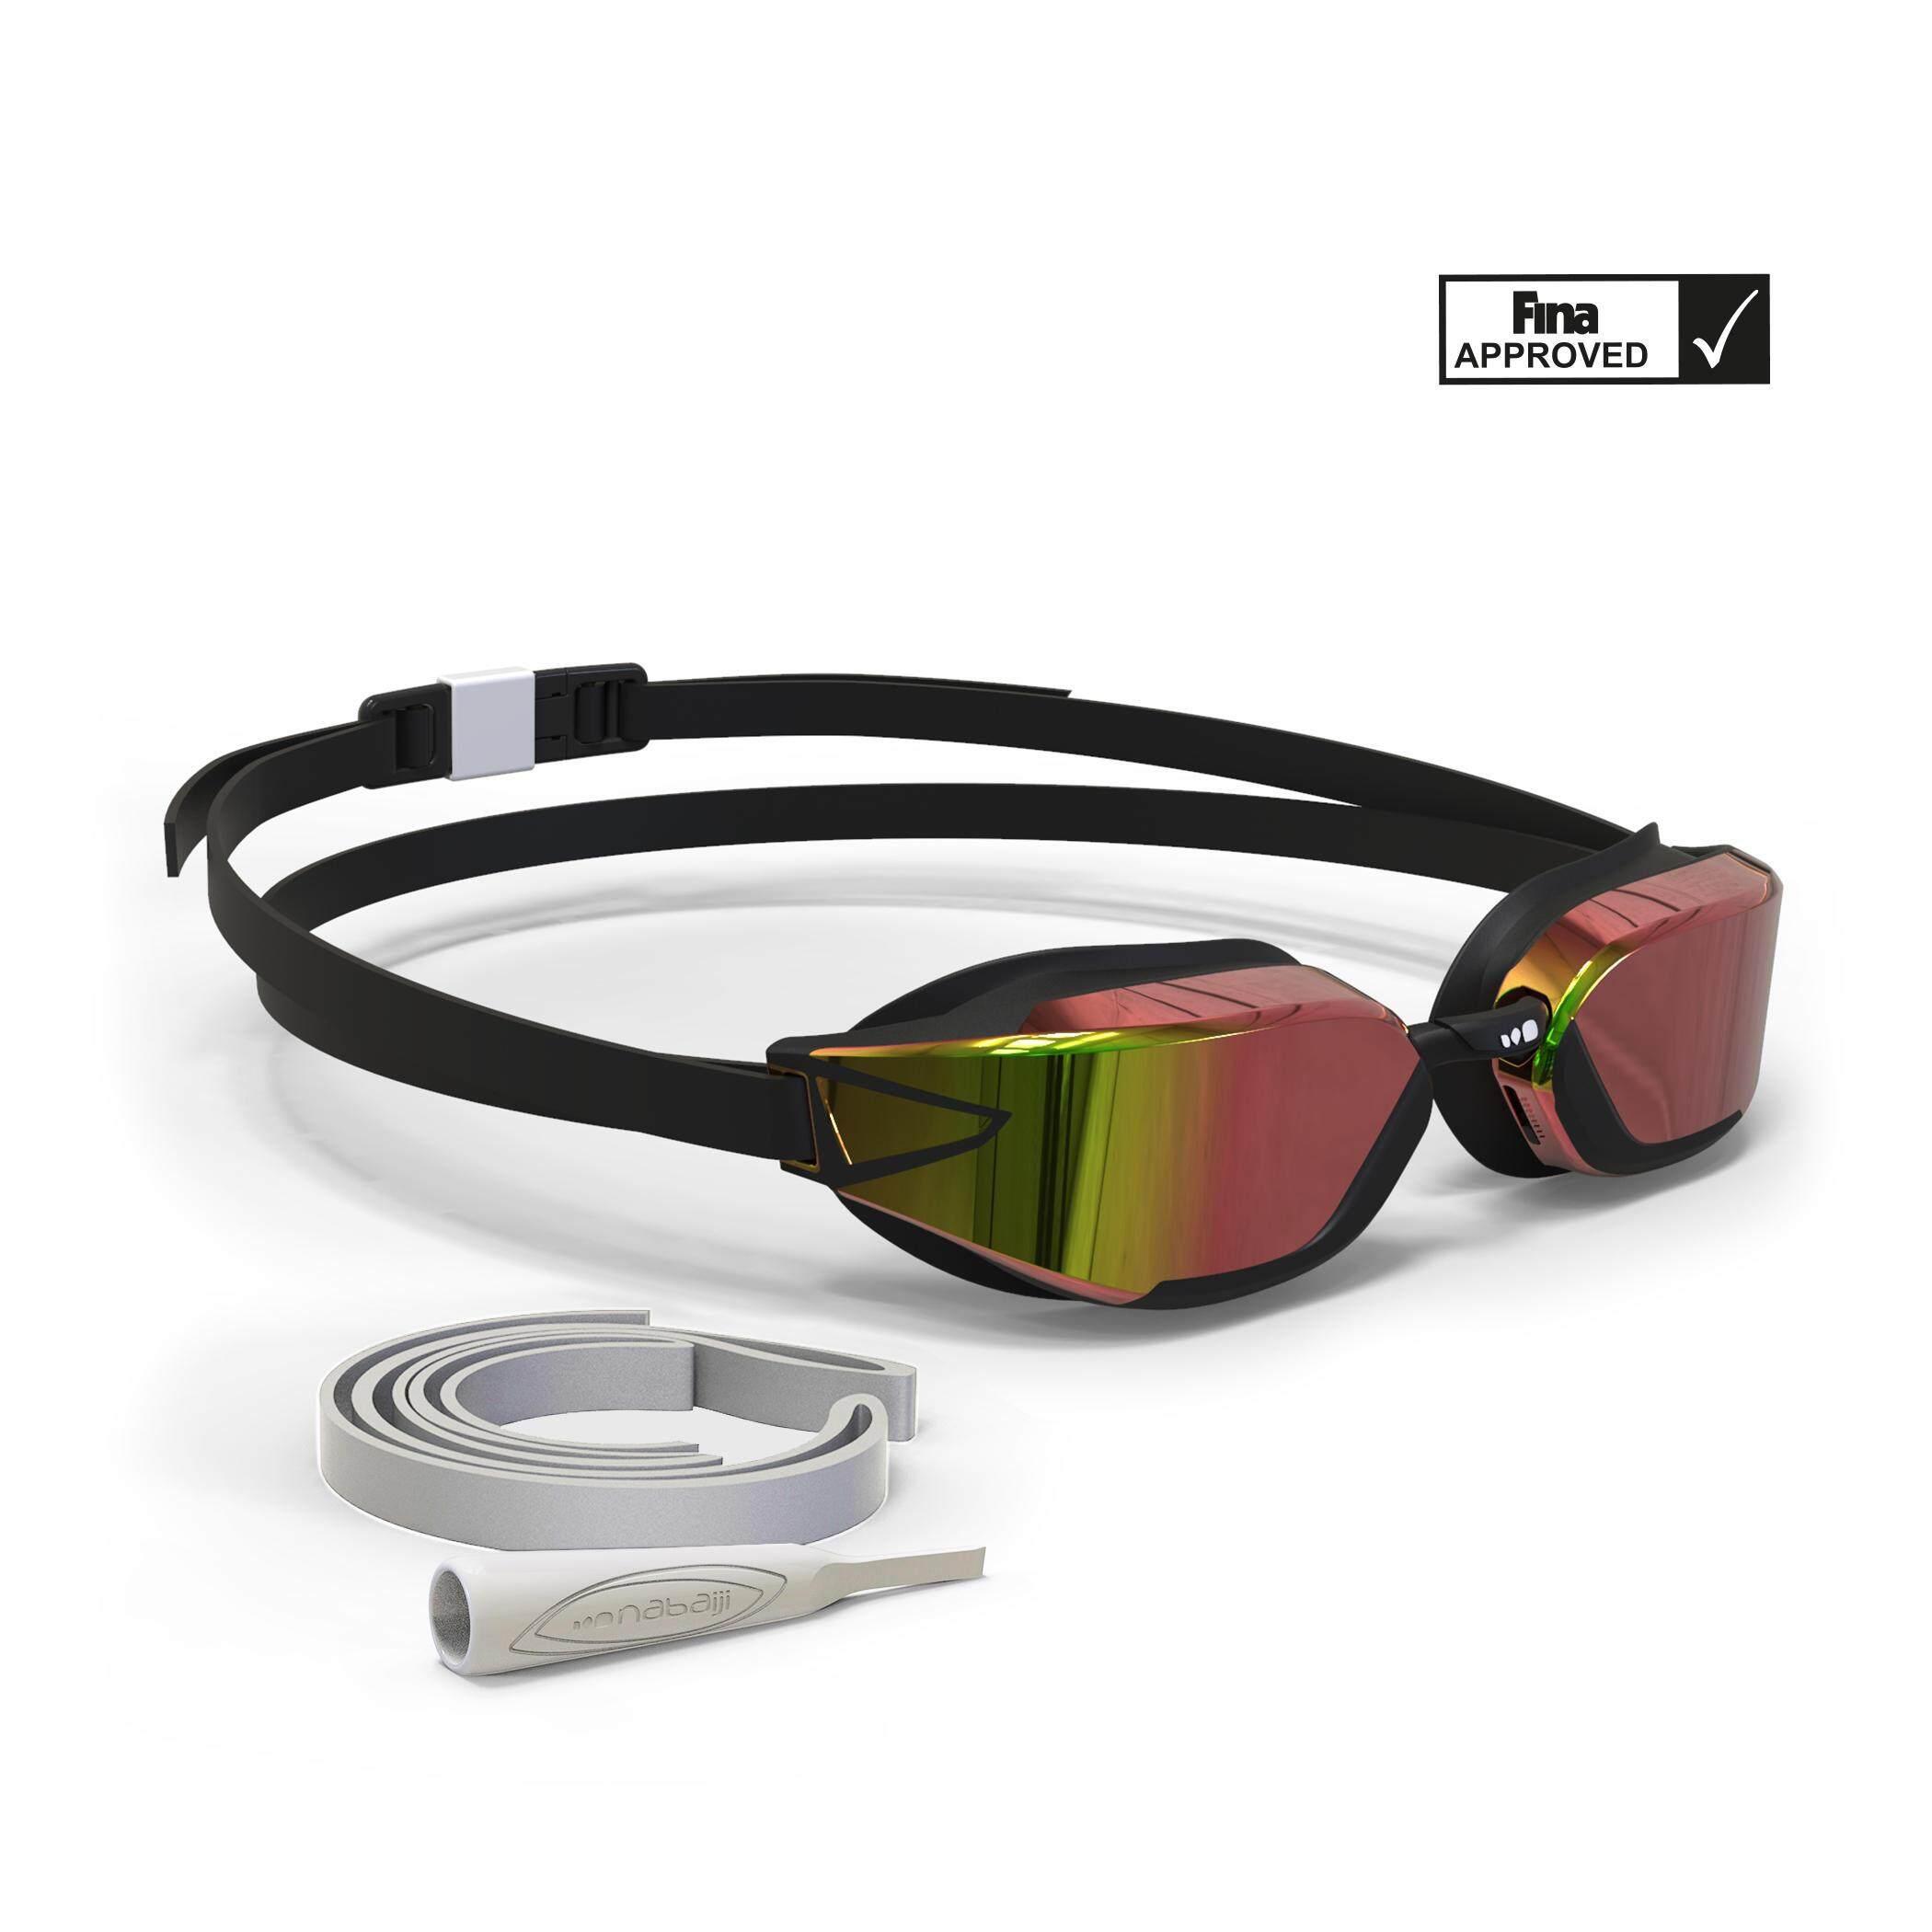 [ด่วน!! โปรโมชั่นมีจำนวนจำกัด] แว่นตาว่ายน้ำรุ่น 900 B-FAST (สีดำ/แดง เลนส์สะท้อนแสง) สำหรับ ว่ายน้ำ